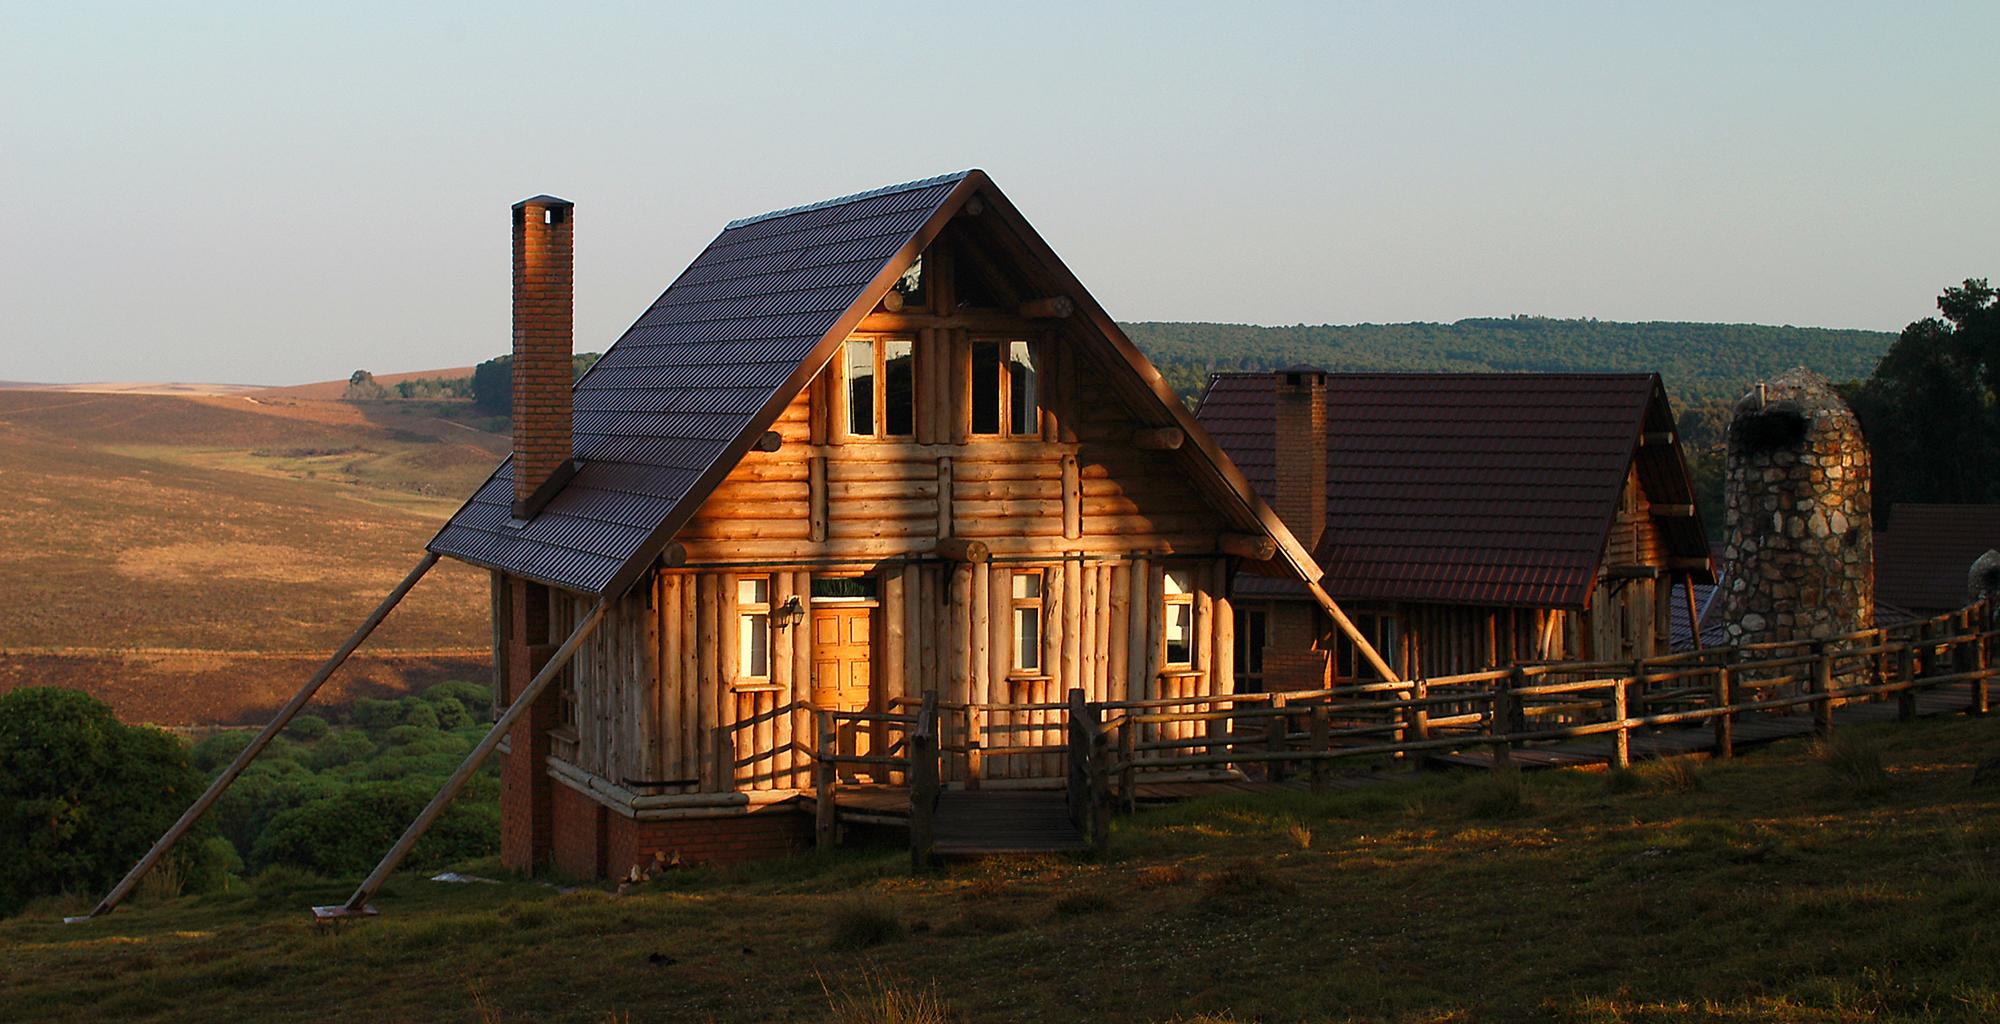 Malawi-Nyika-National-Park-Chelinda-Lodge-Exterior